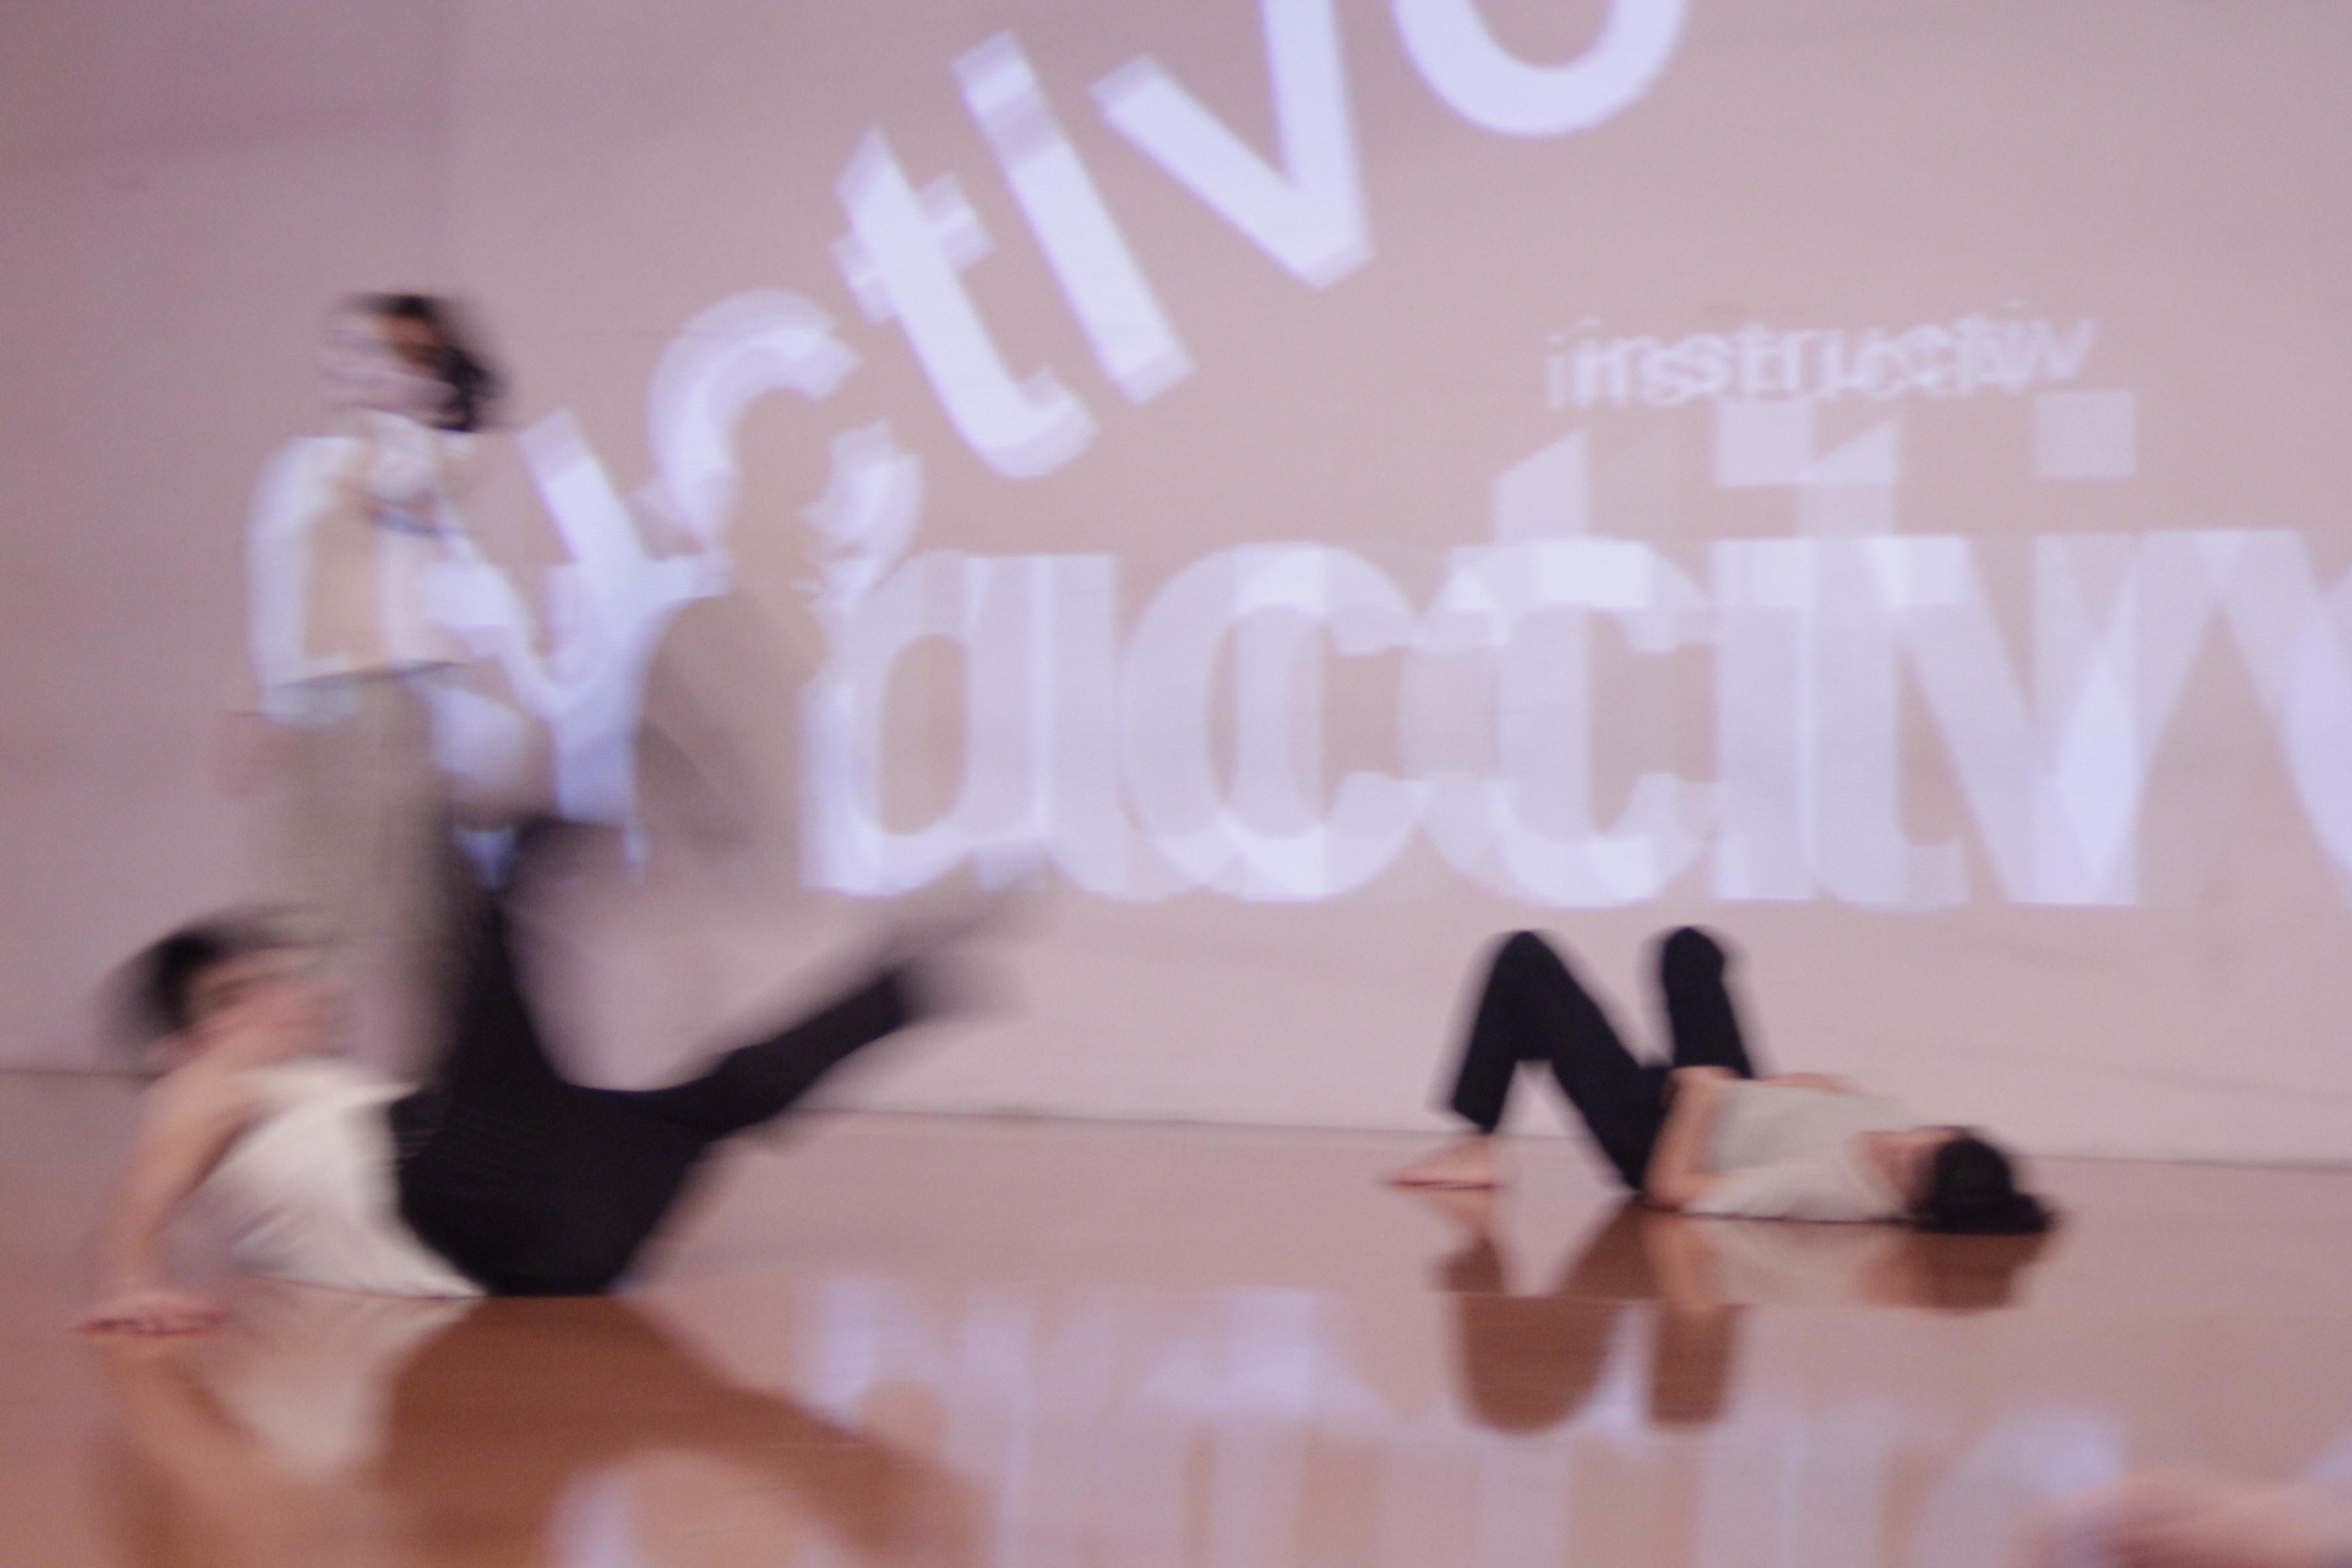 La relación con el público, objetivo de la performance. Foto: Gentileza Andrea Saltiel.